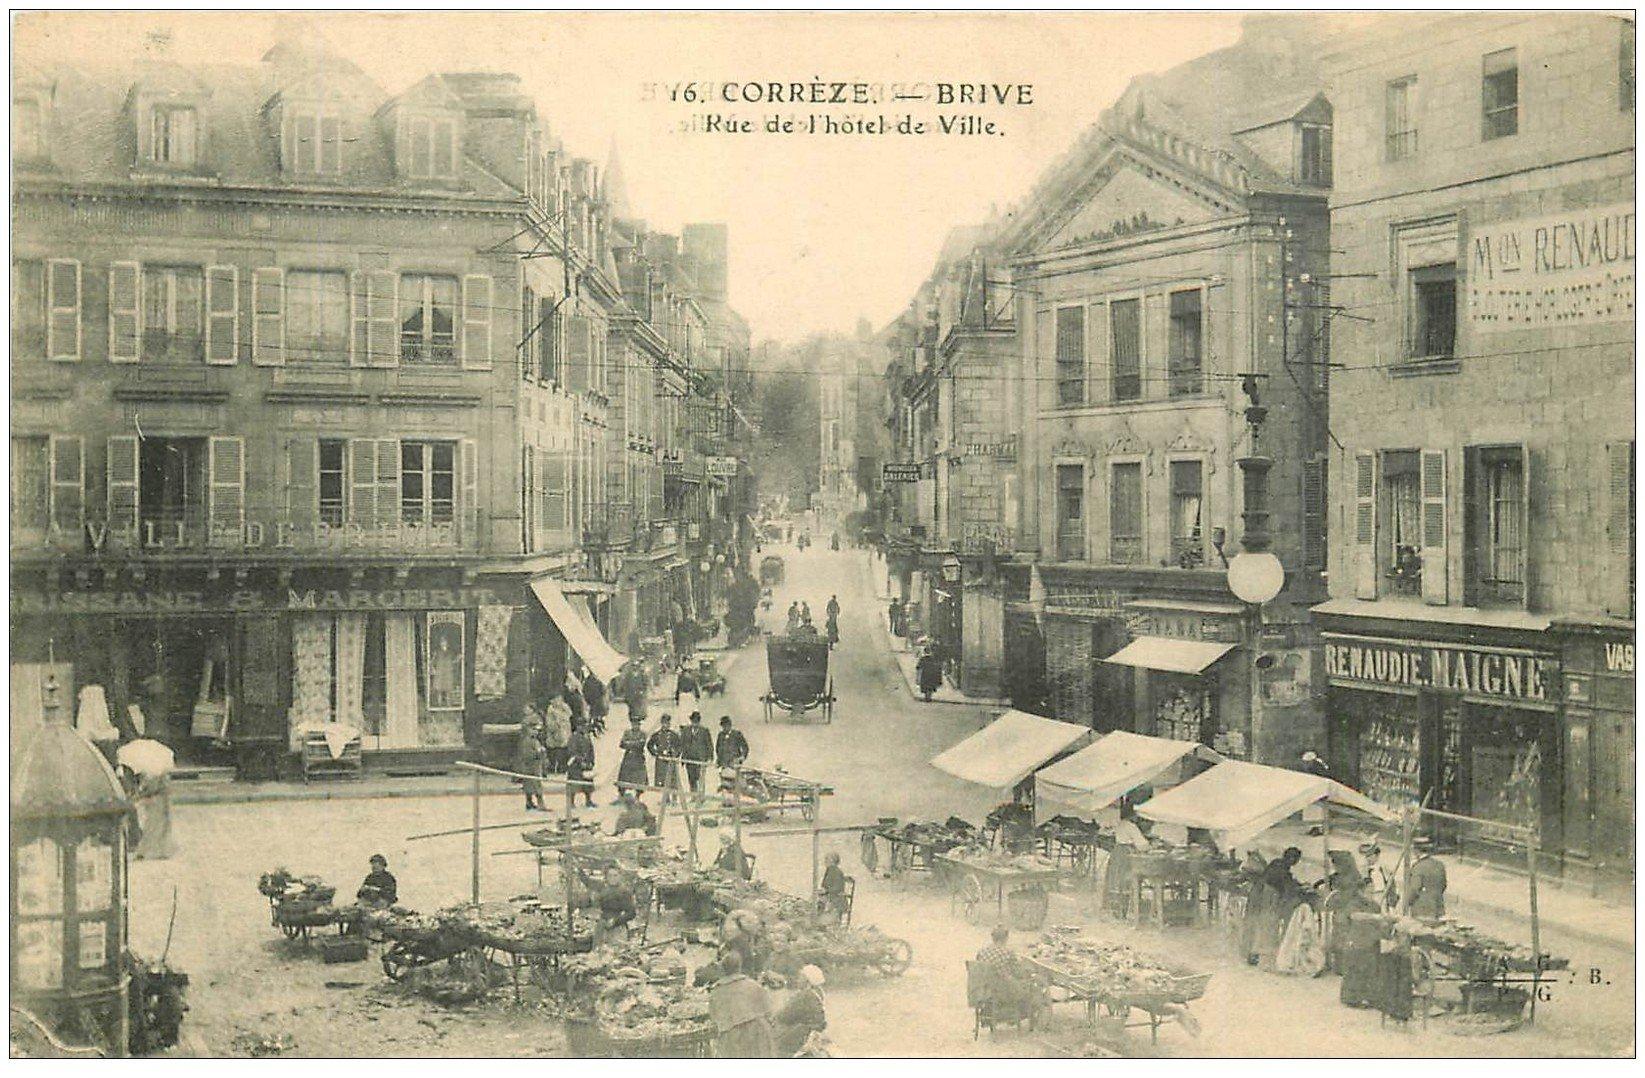 carte postale ancienne 19 BRIVE. Marché Rue de l'Hôtel de Ville. Maison Renaudie Maigne